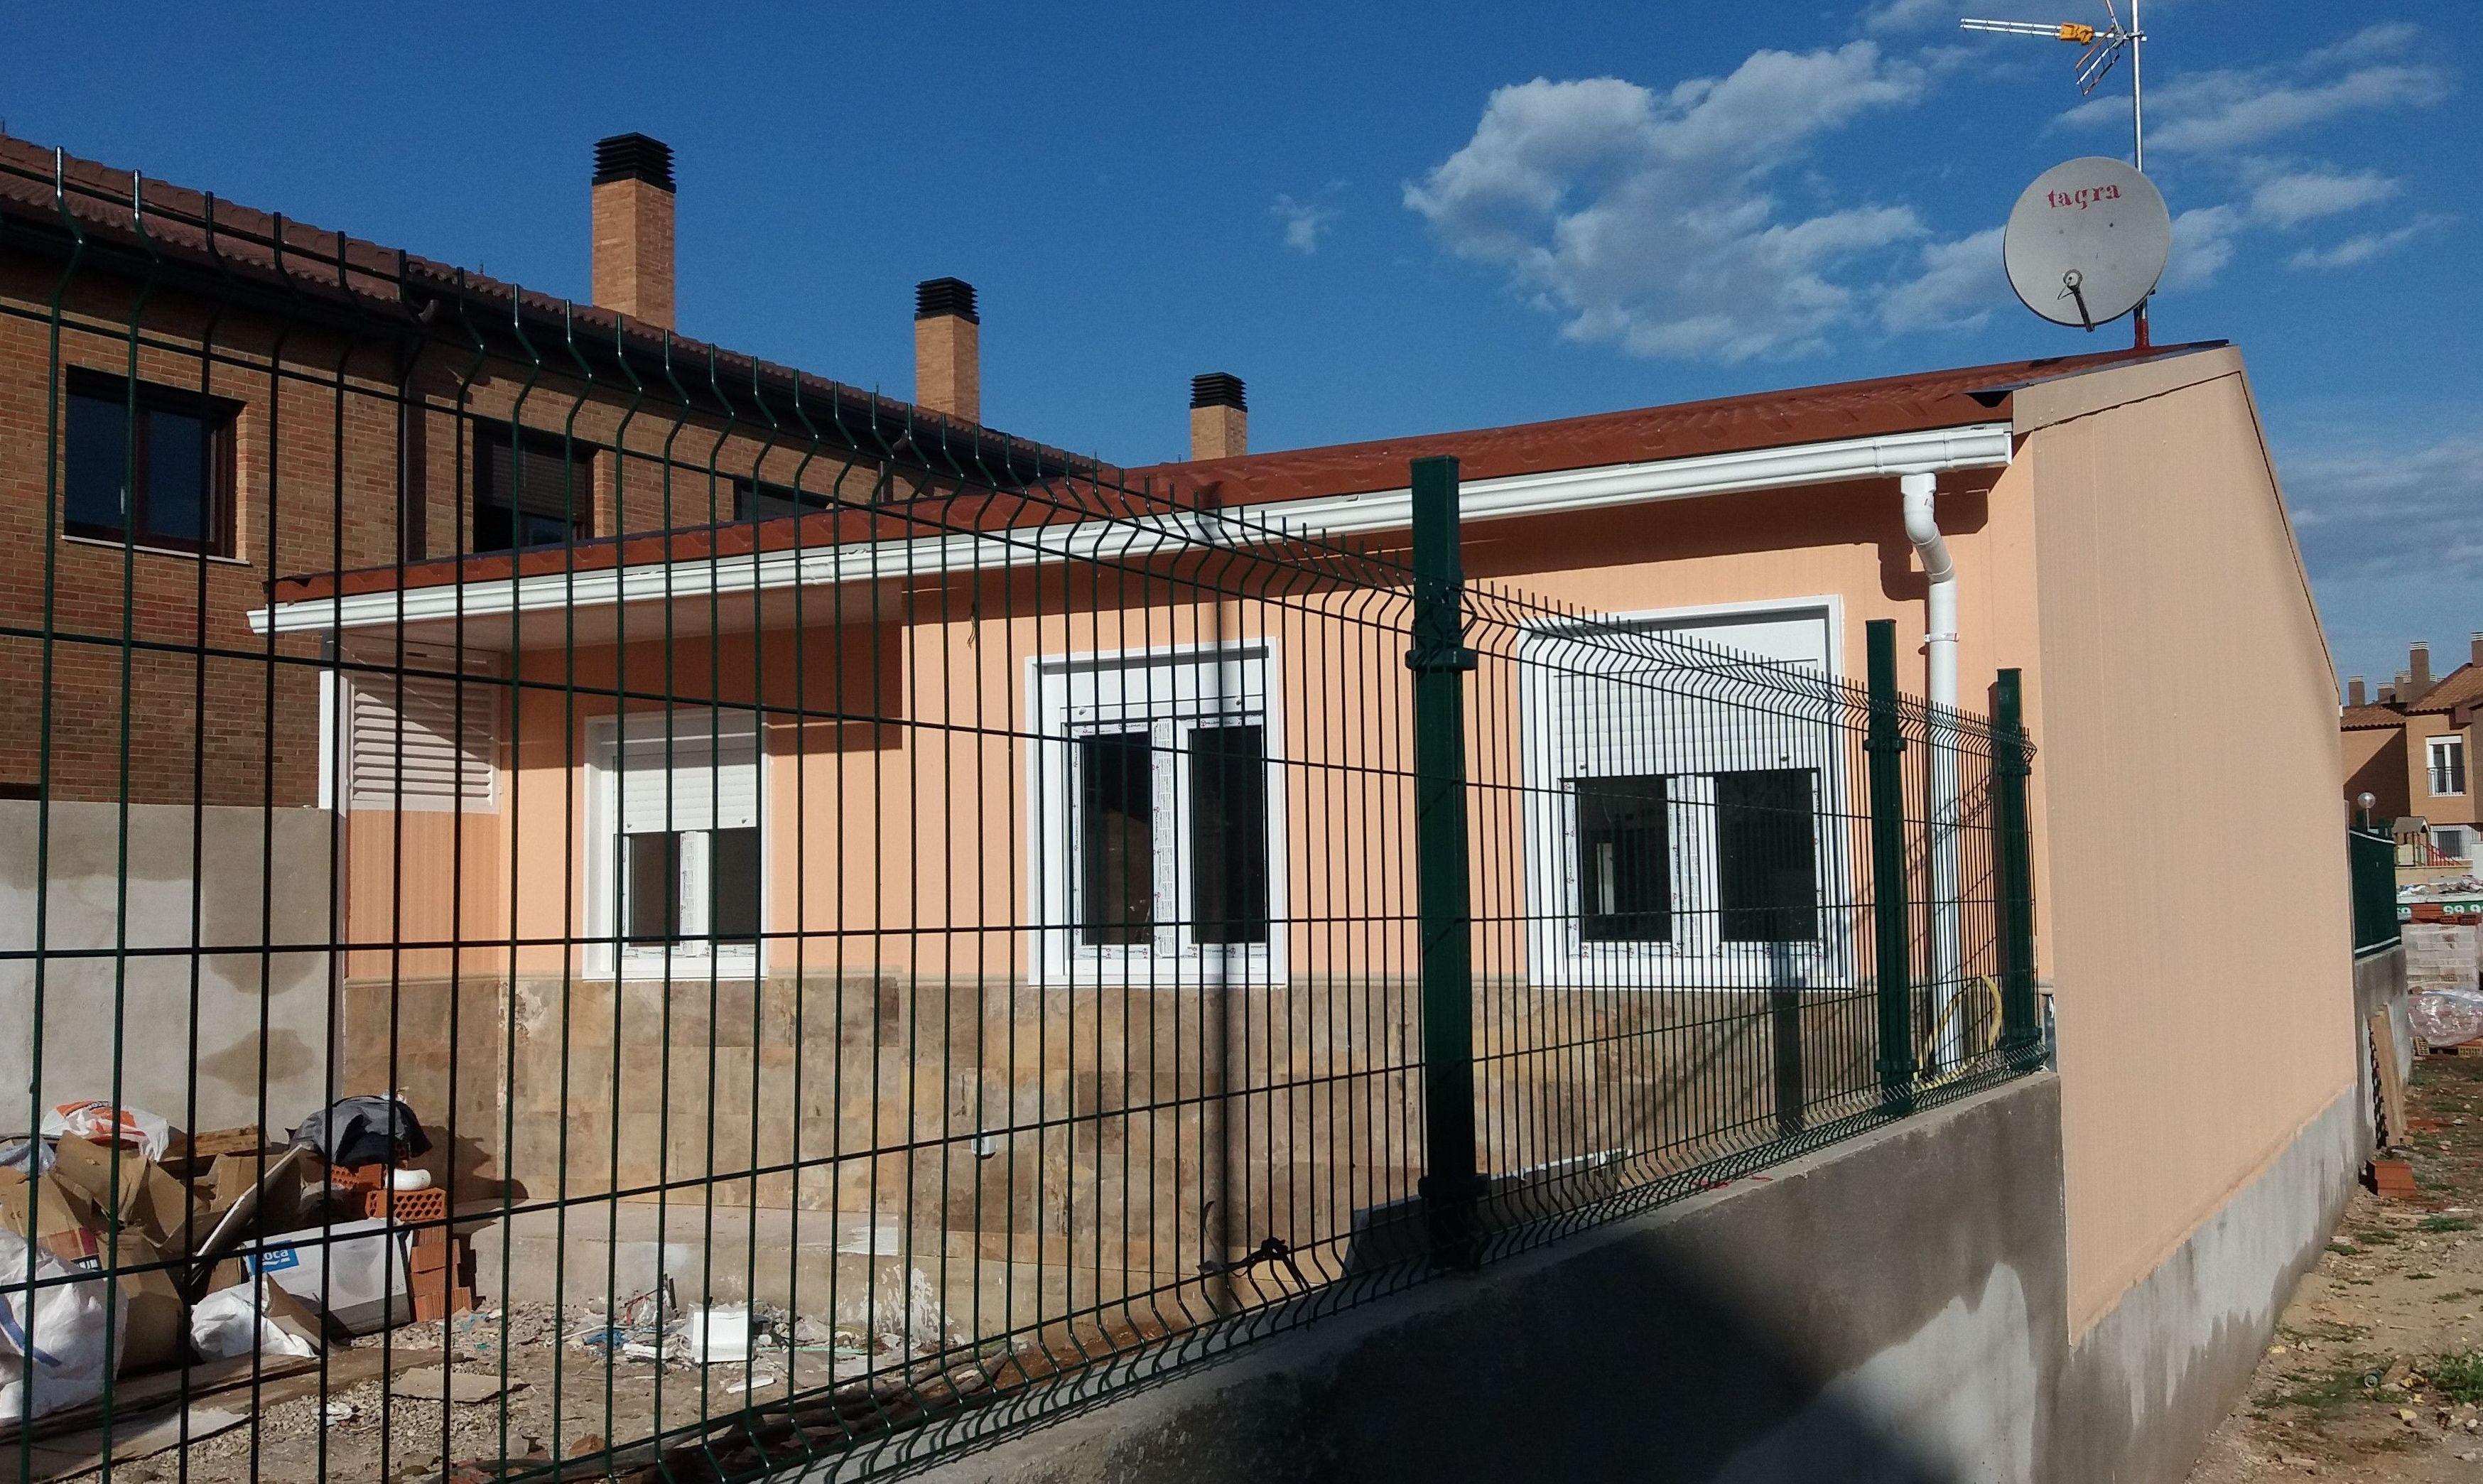 Foto 27 de Casas prefabricadas en Humanes | Wigarma